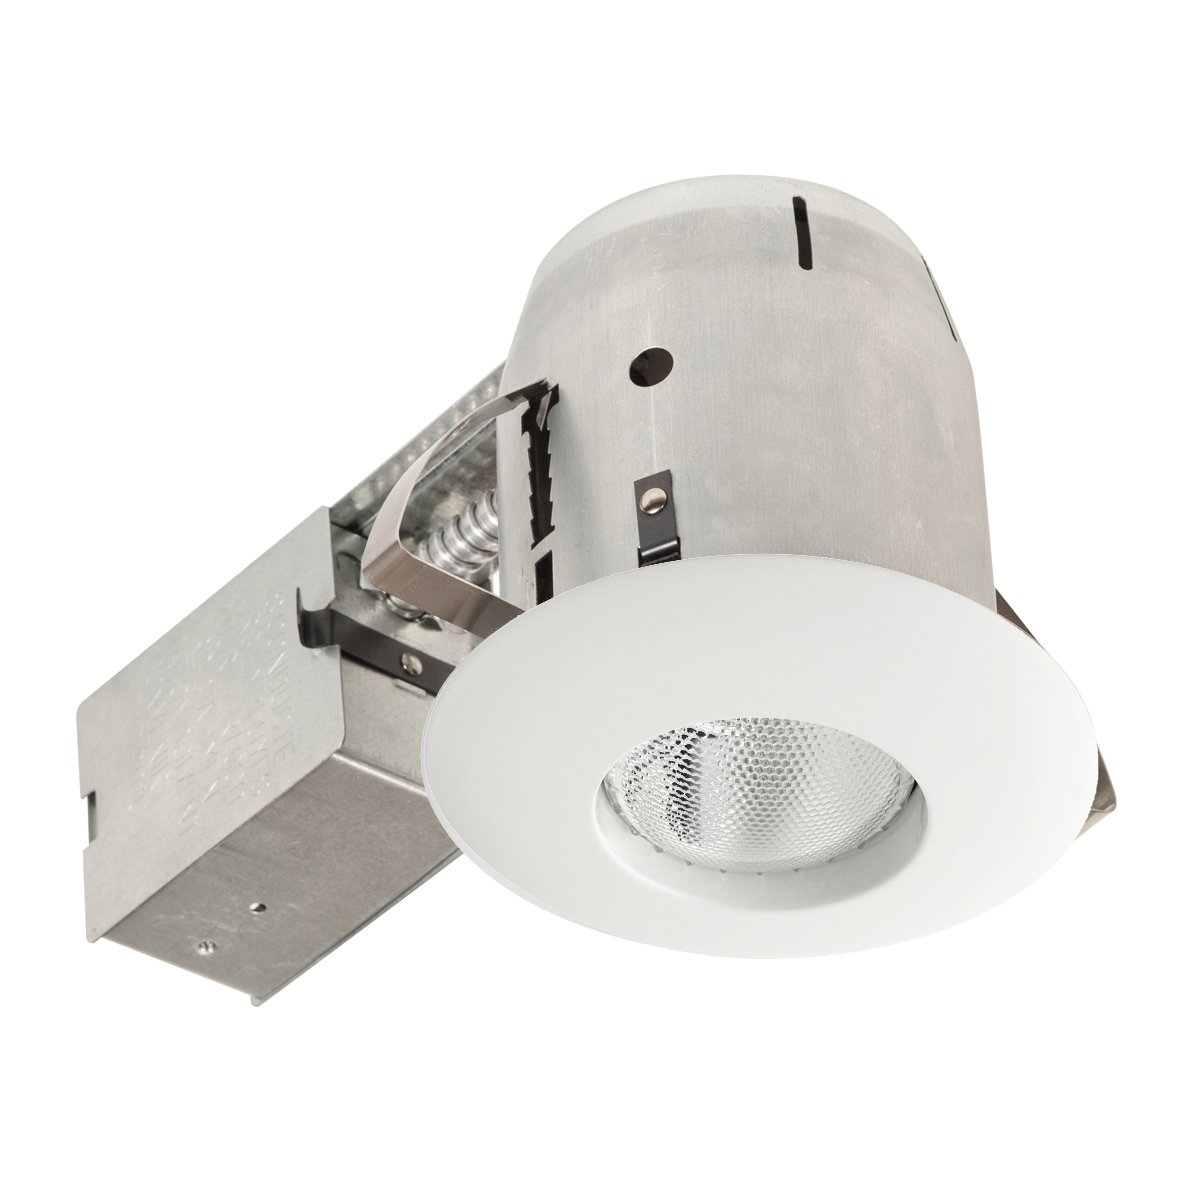 4 inch led recessed lighting kit lithonia globe electric 9251001 inch recessed lighting kit white finish flood light amazoncom finish